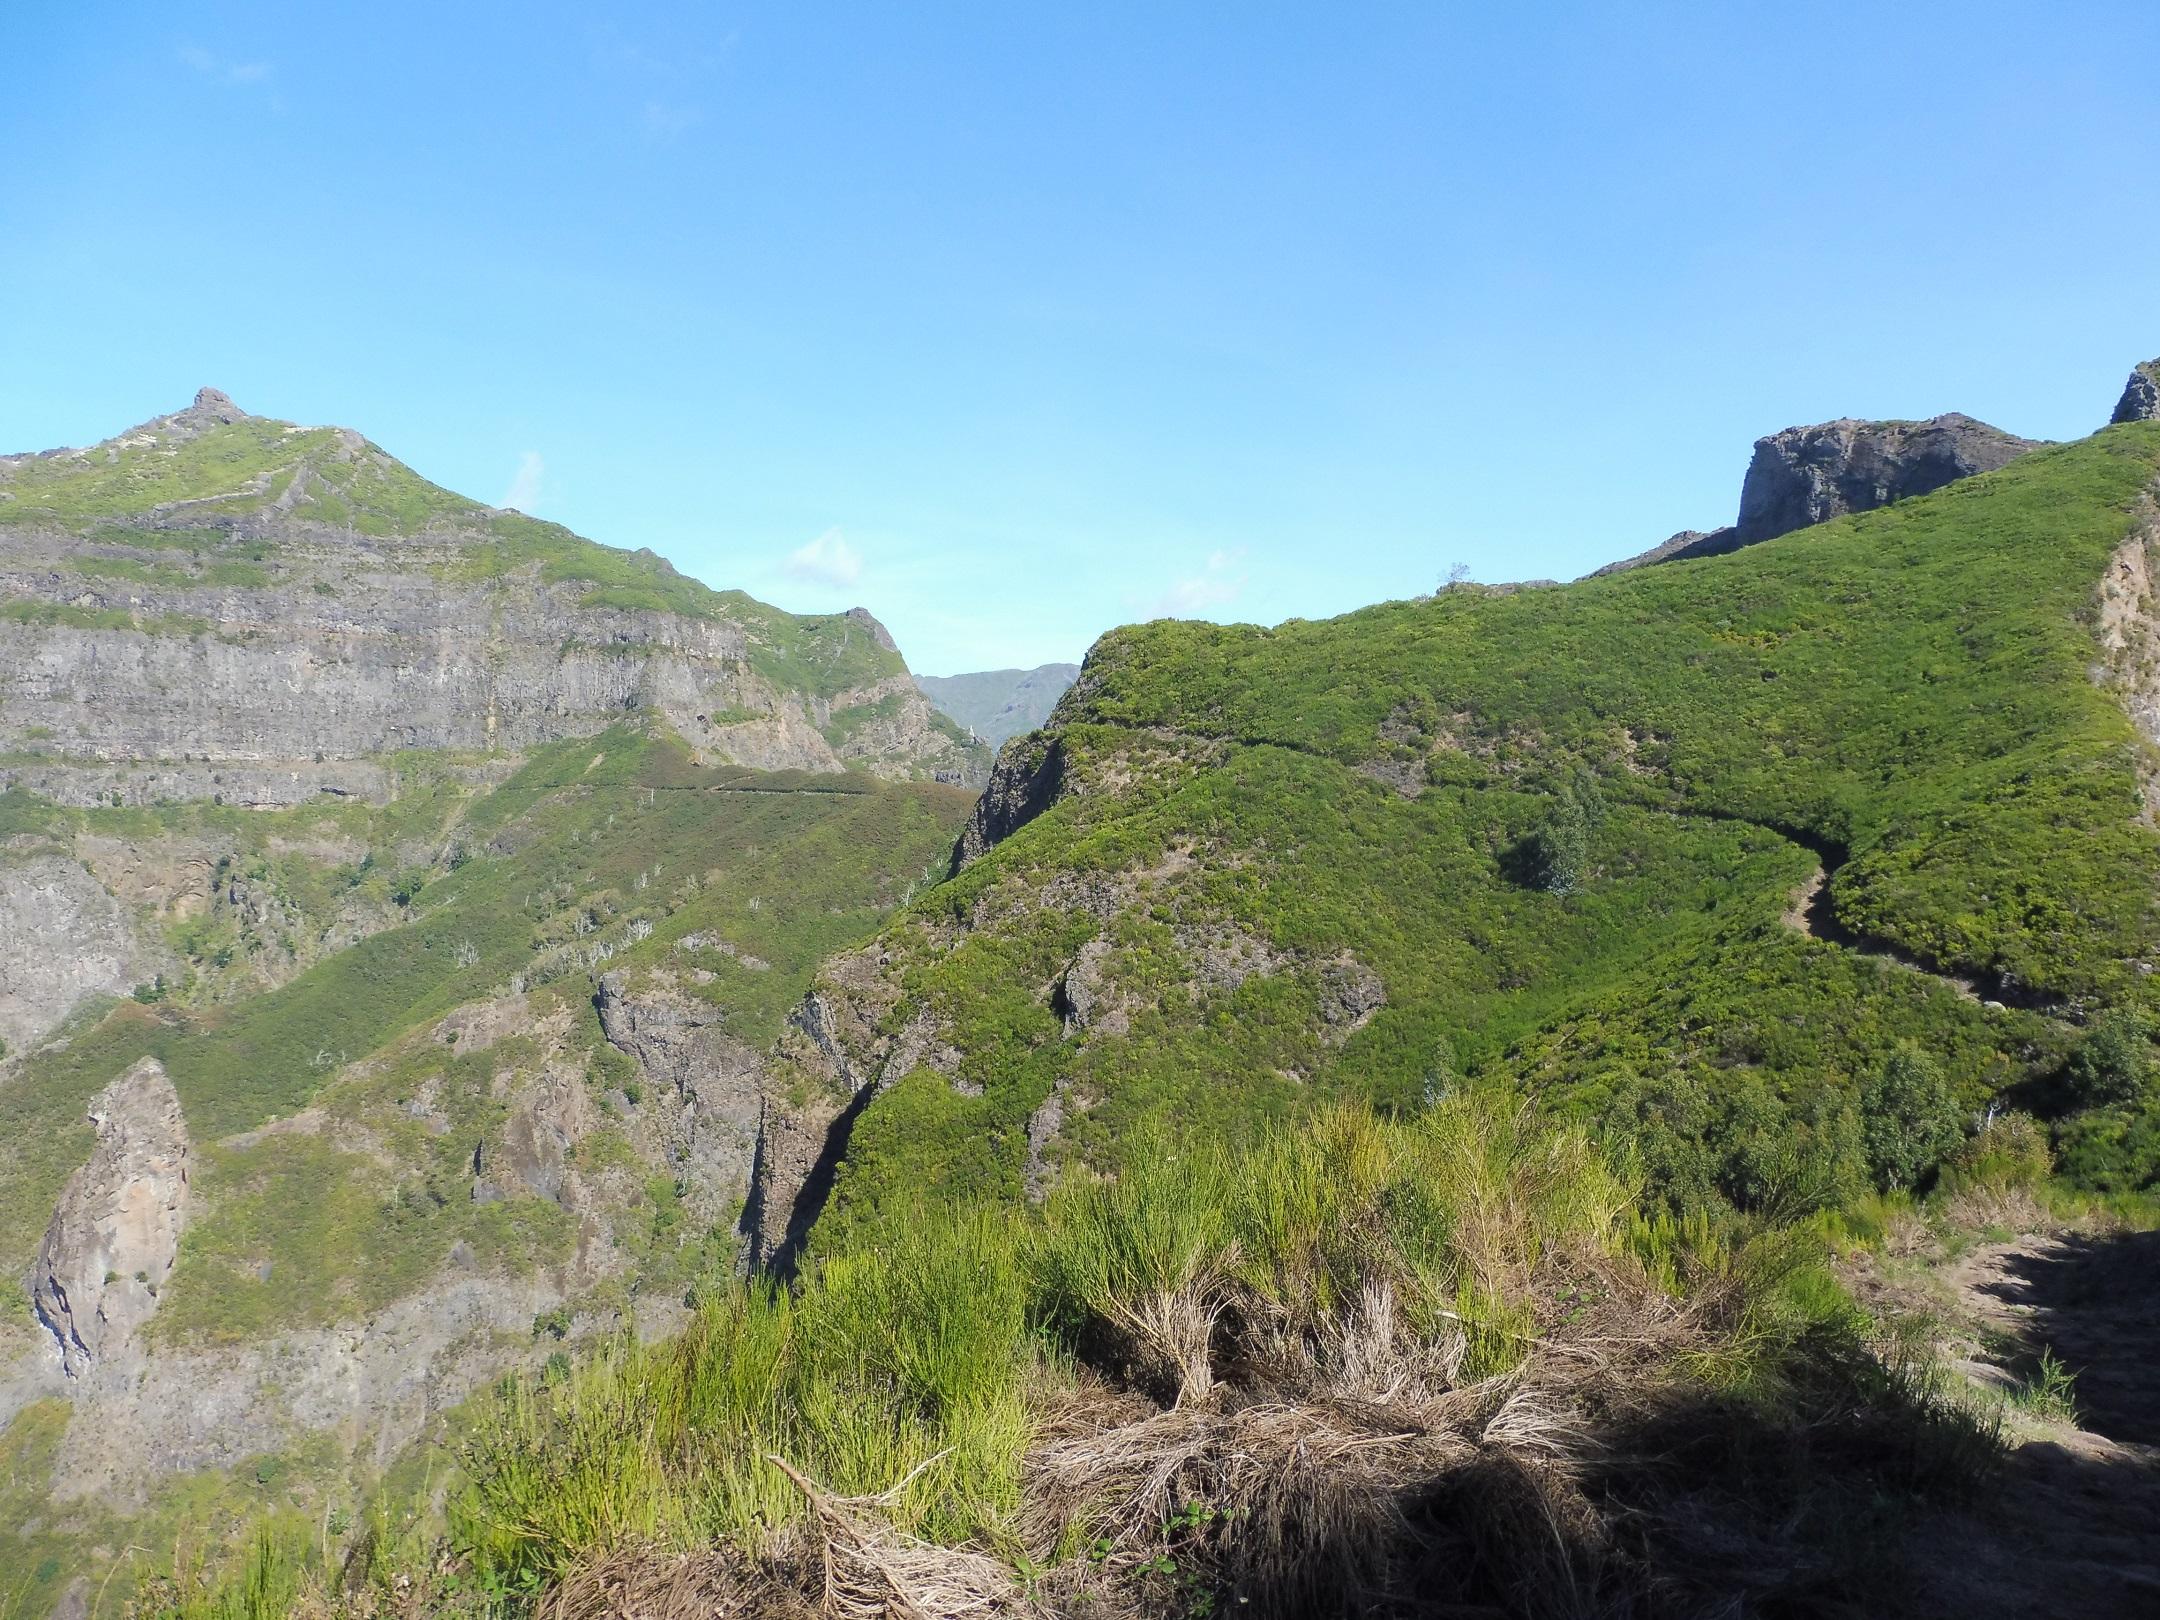 Úton a Pico Grandéra